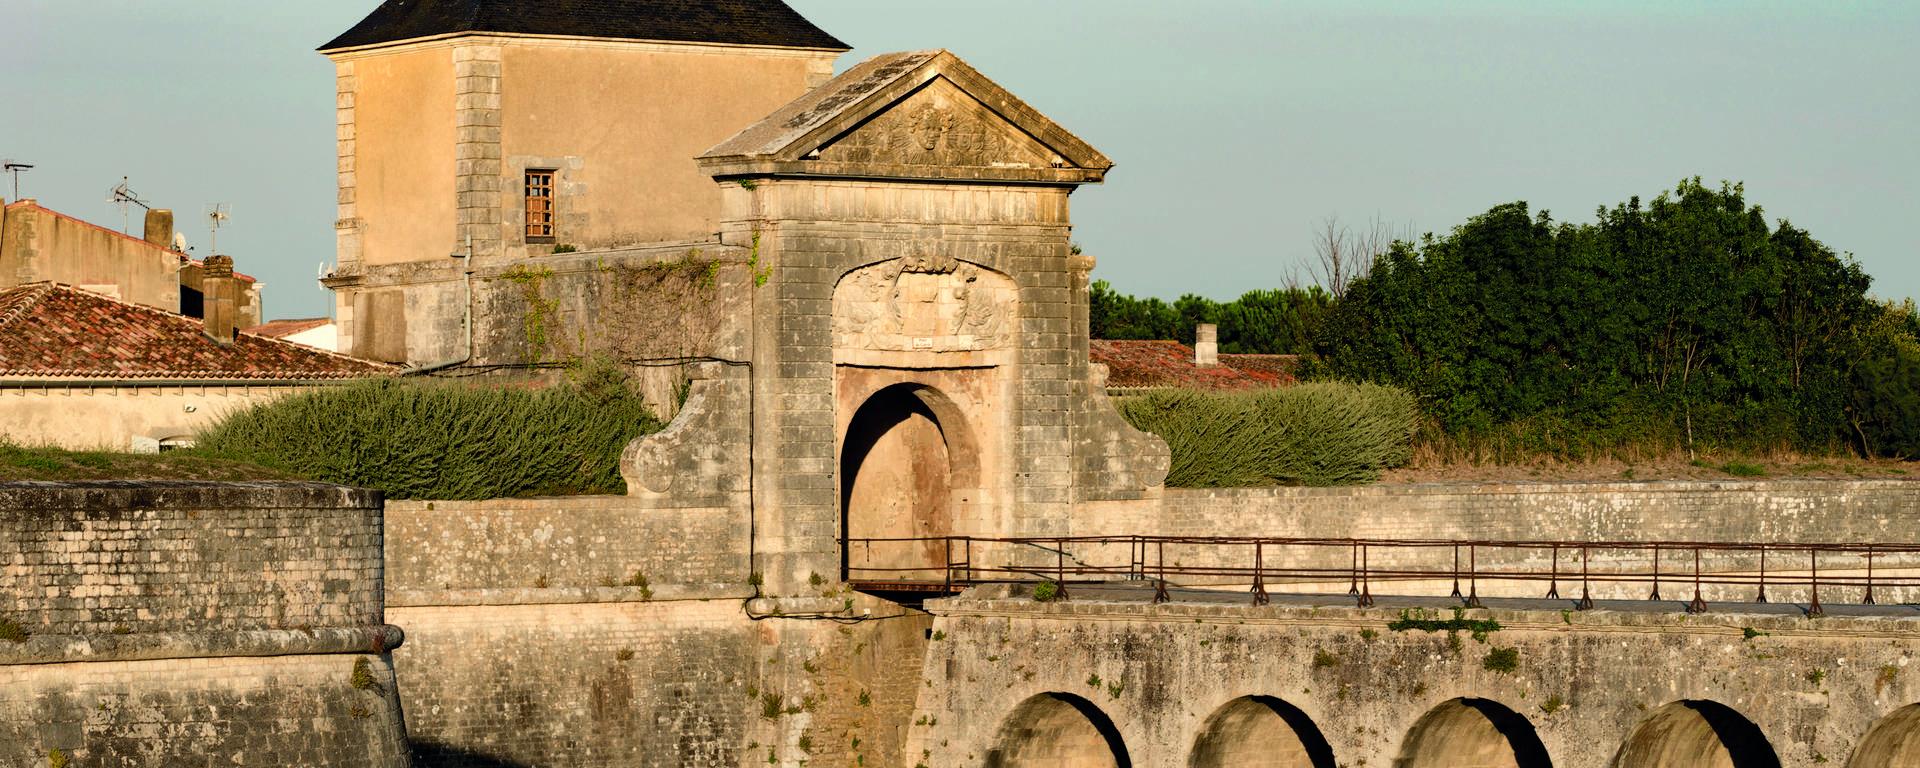 Fortifications de Vaudan par Yann Werdefroy